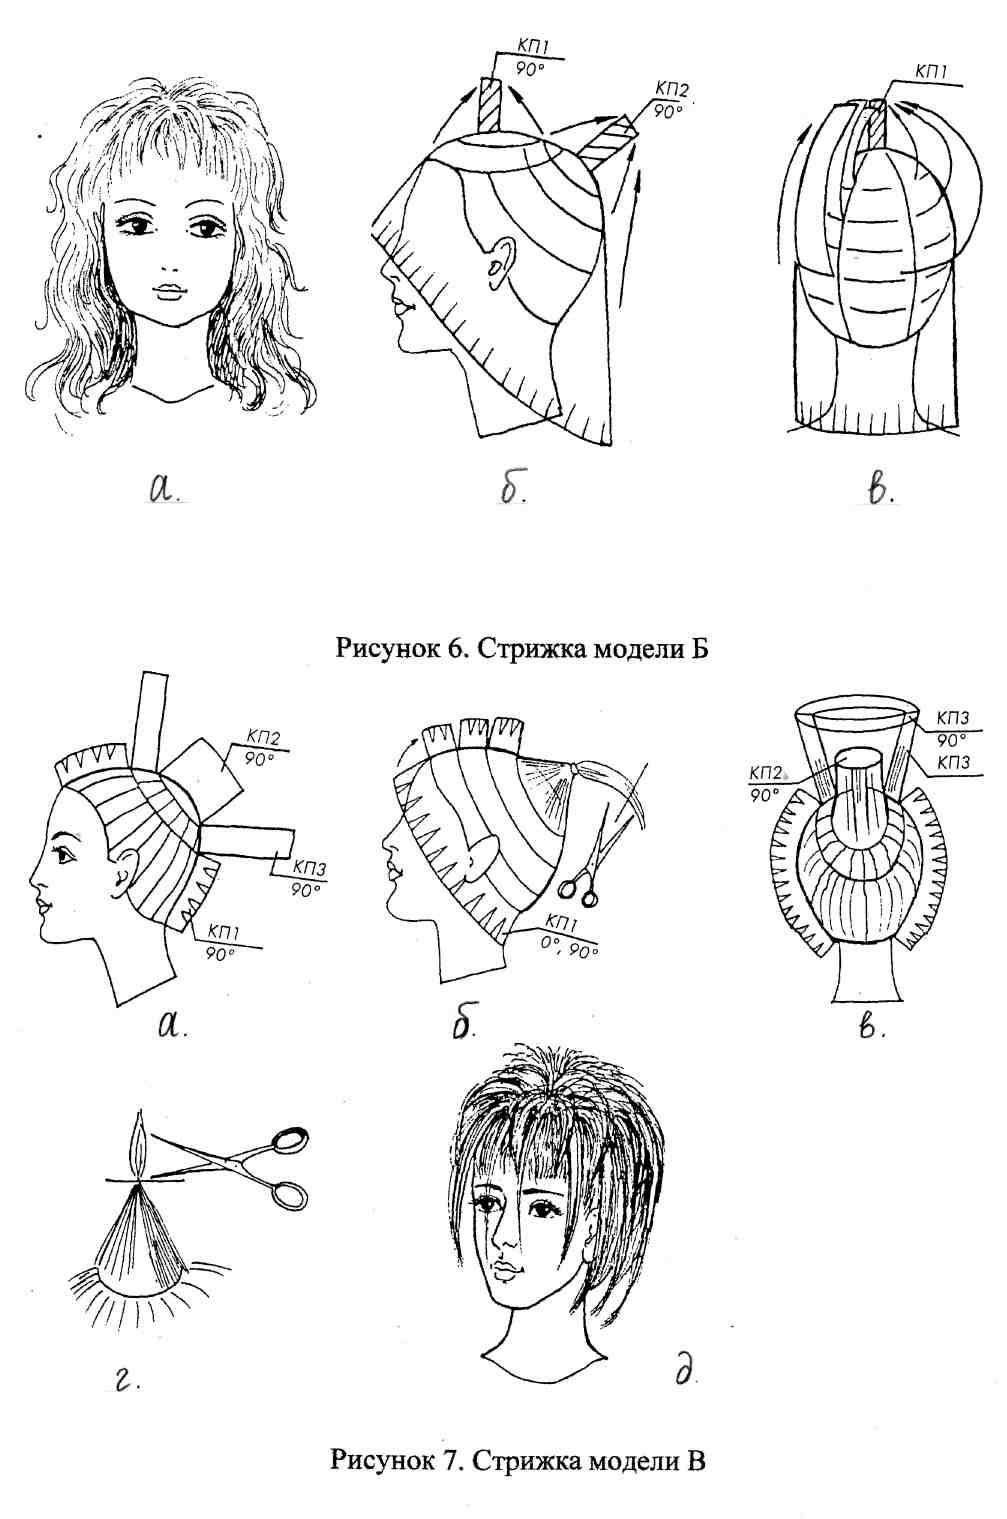 Секреты успешного мелирования коротких волос в домашних условиях. описание техник и фото